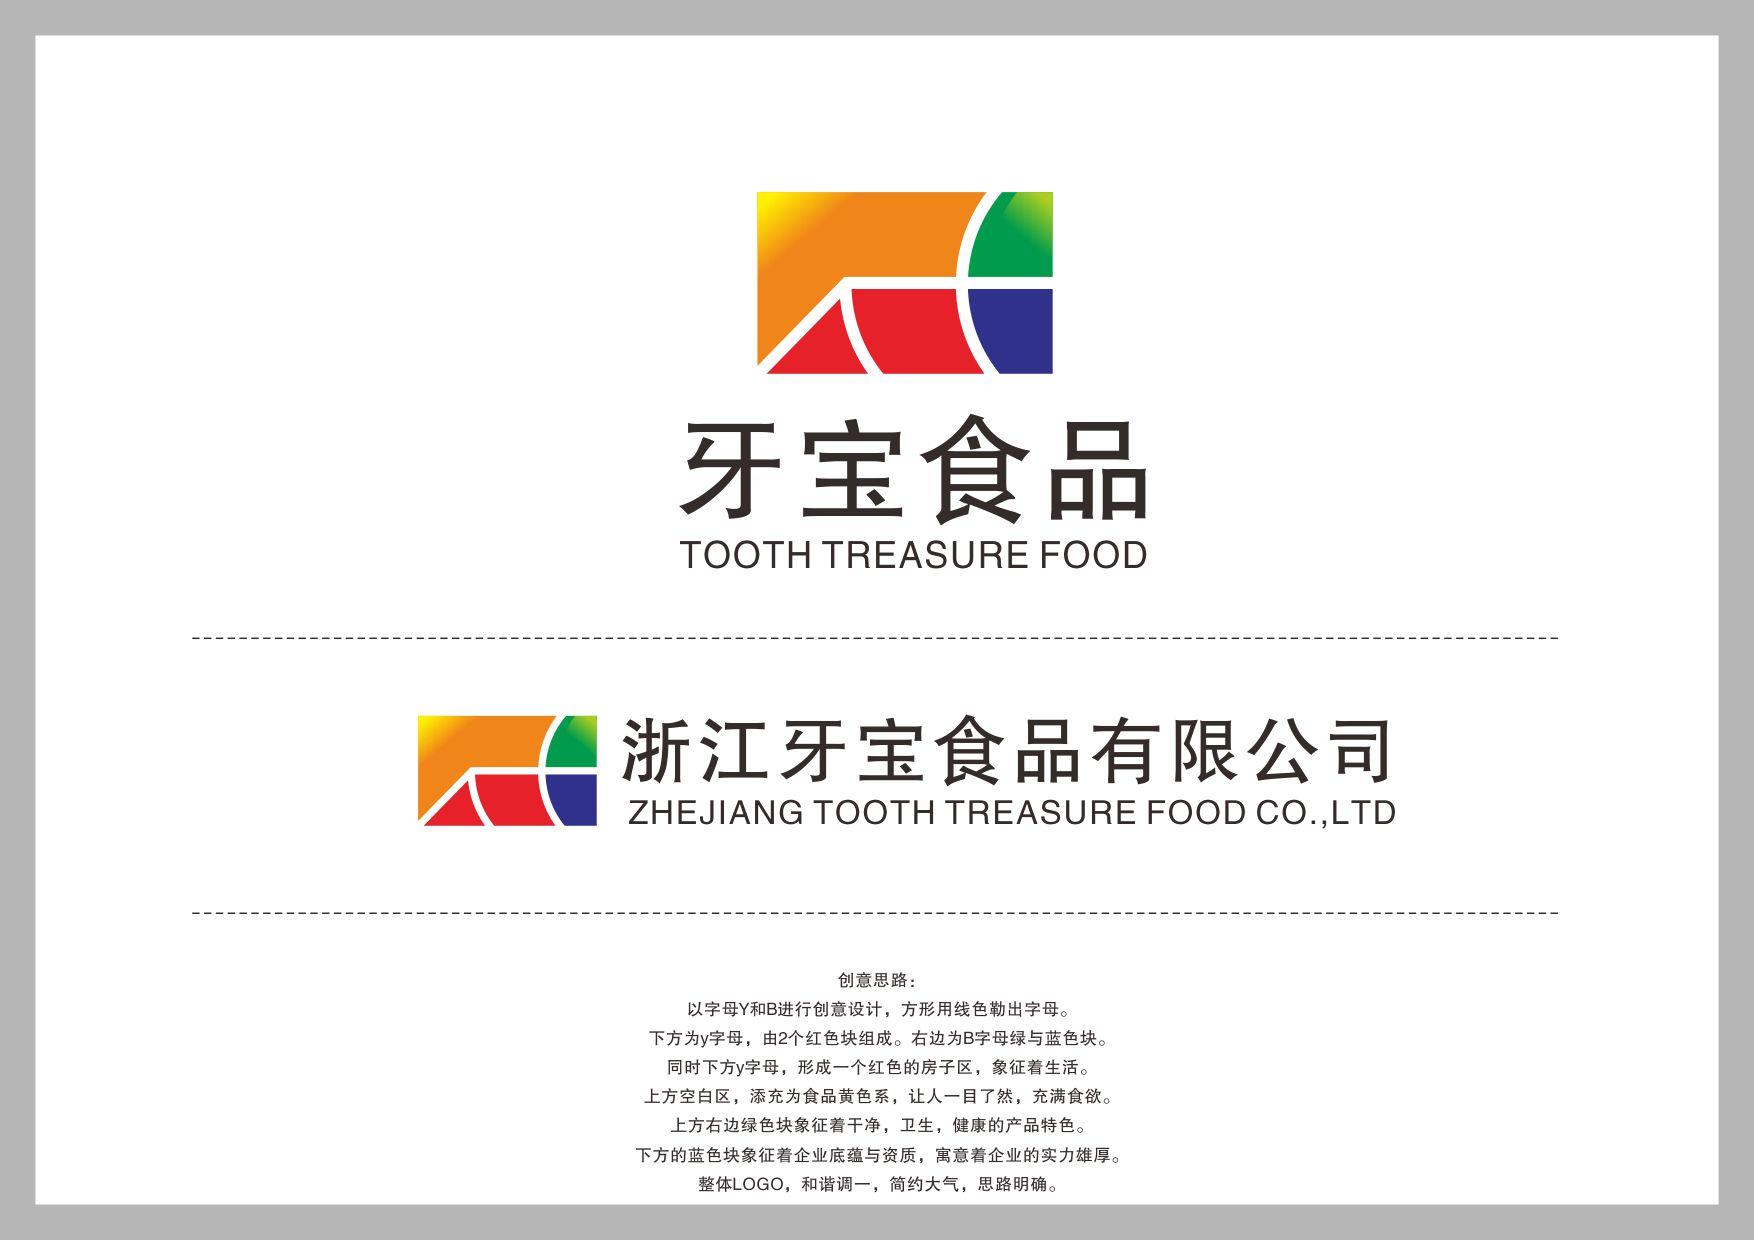 牙宝食品logo设计【能力等级从高到低只看有传图的】